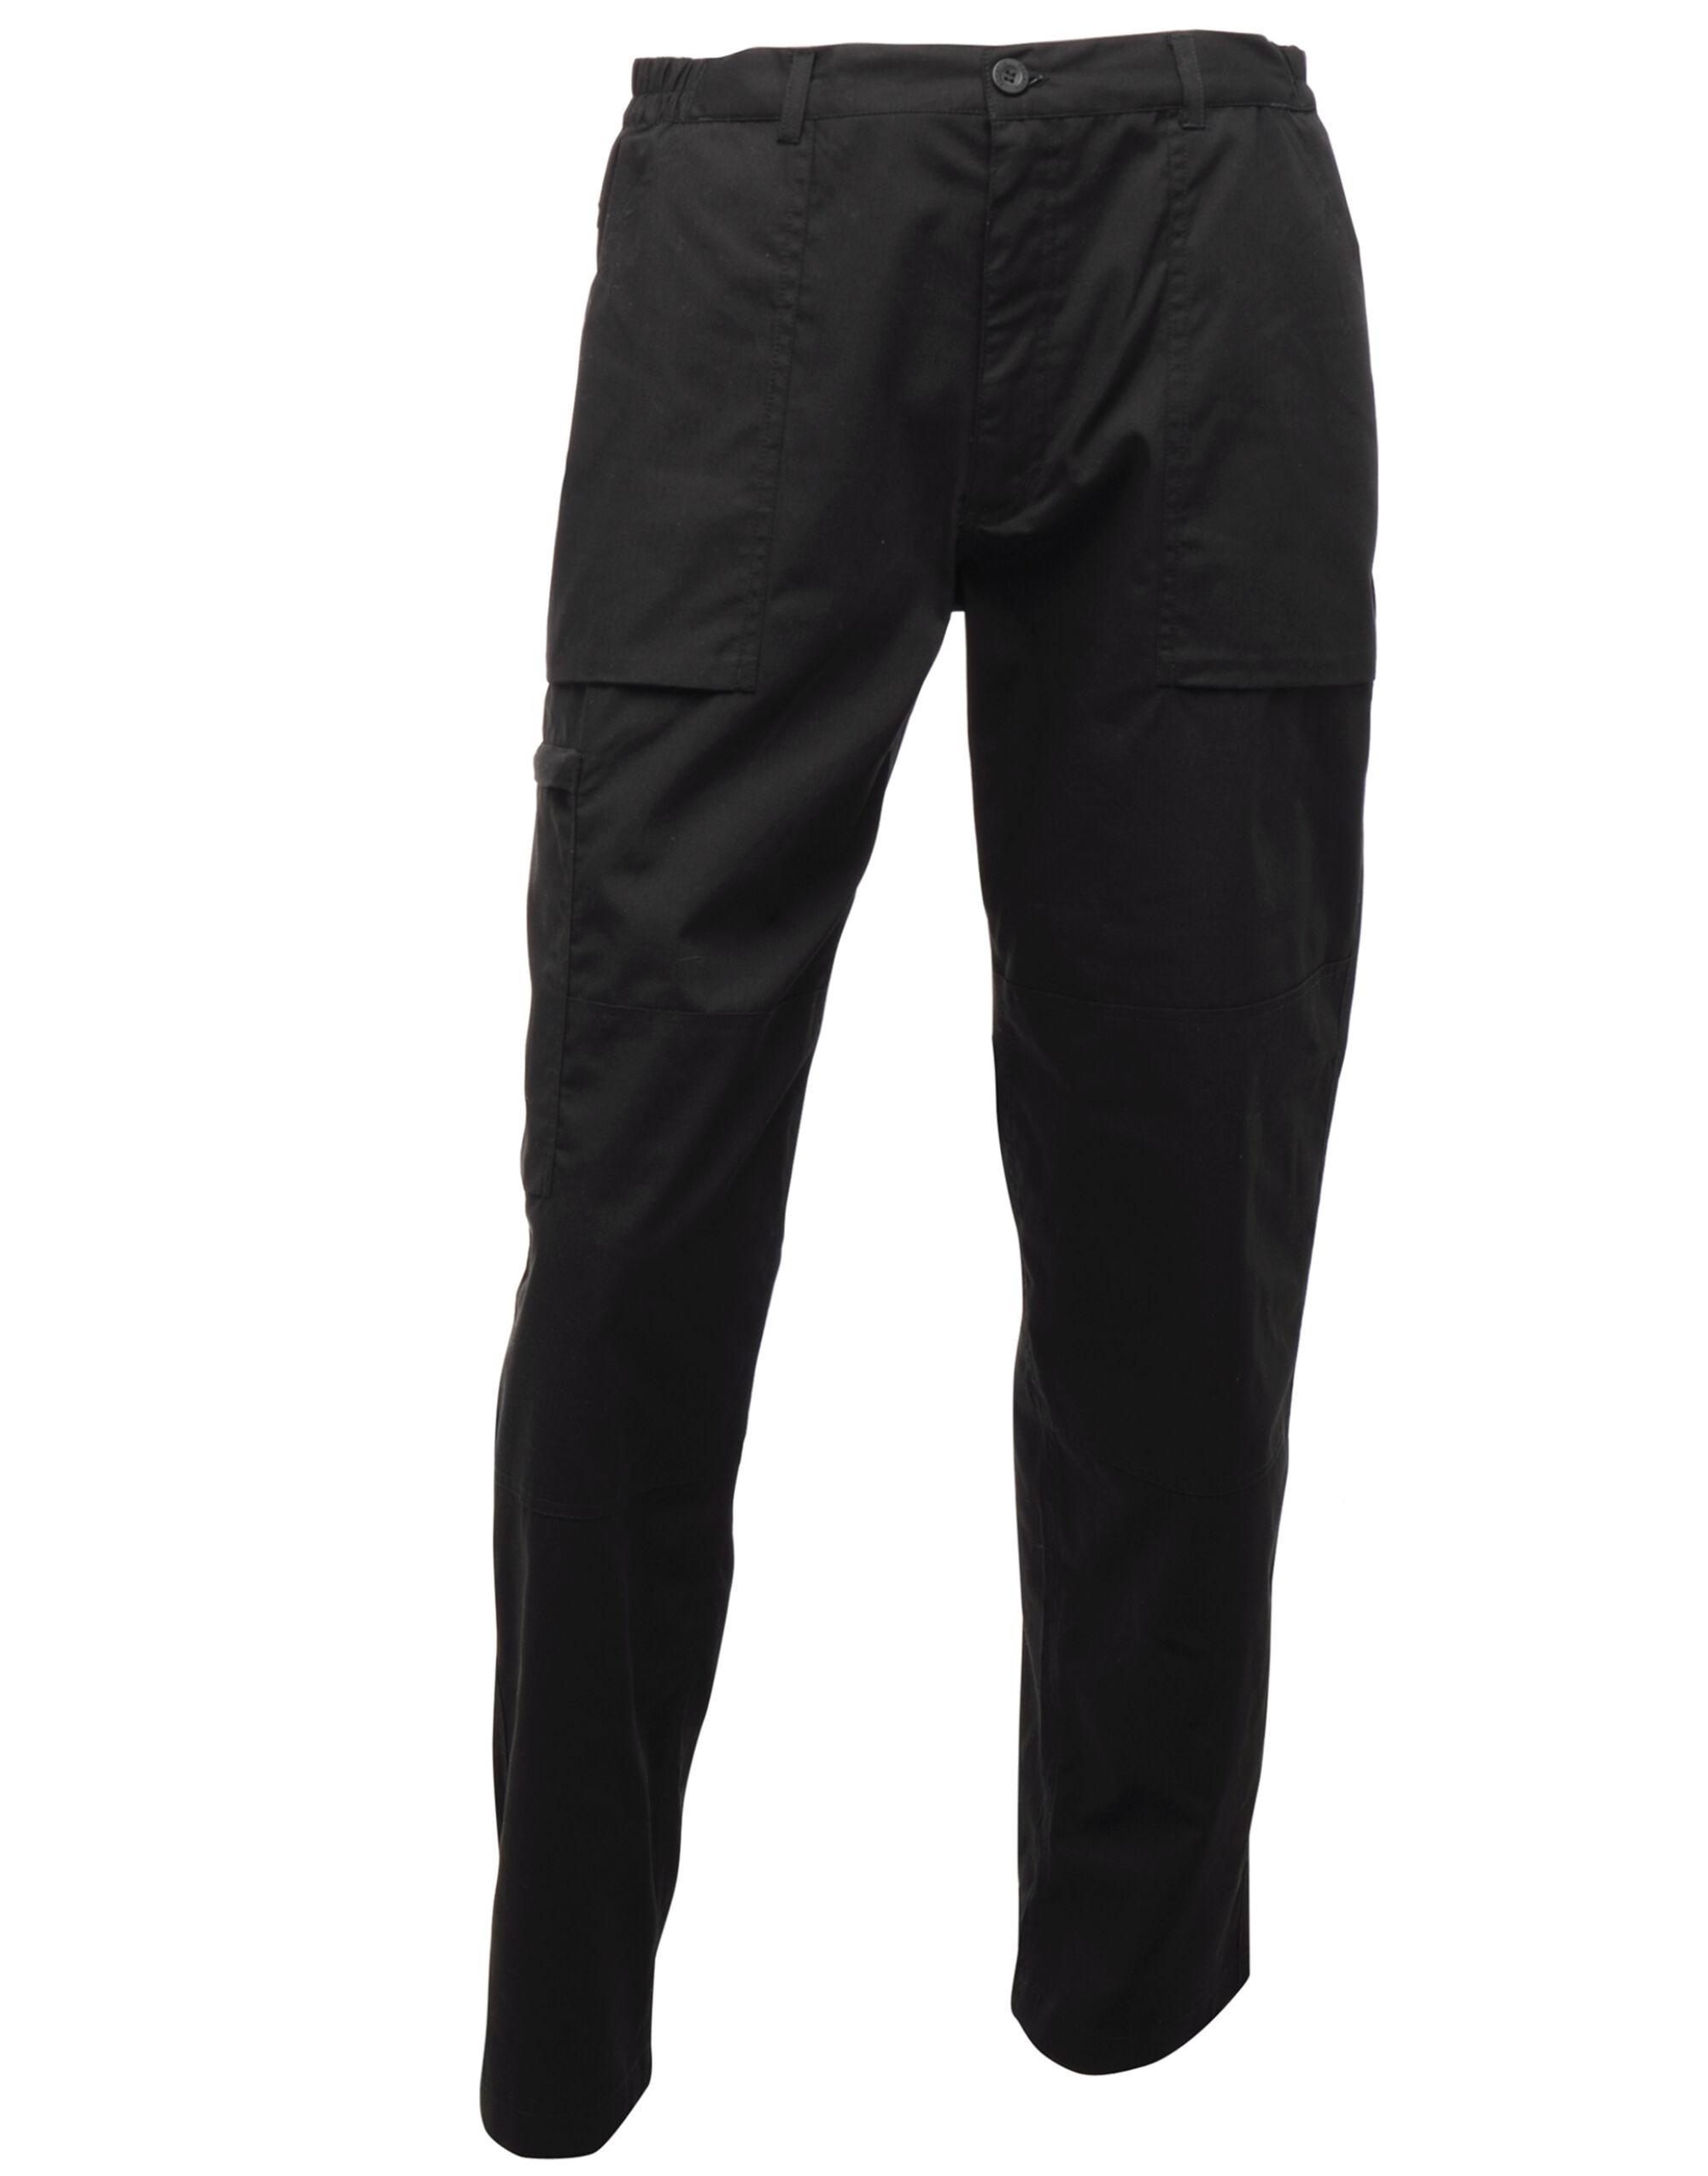 Men's New Action Trouser (Short)